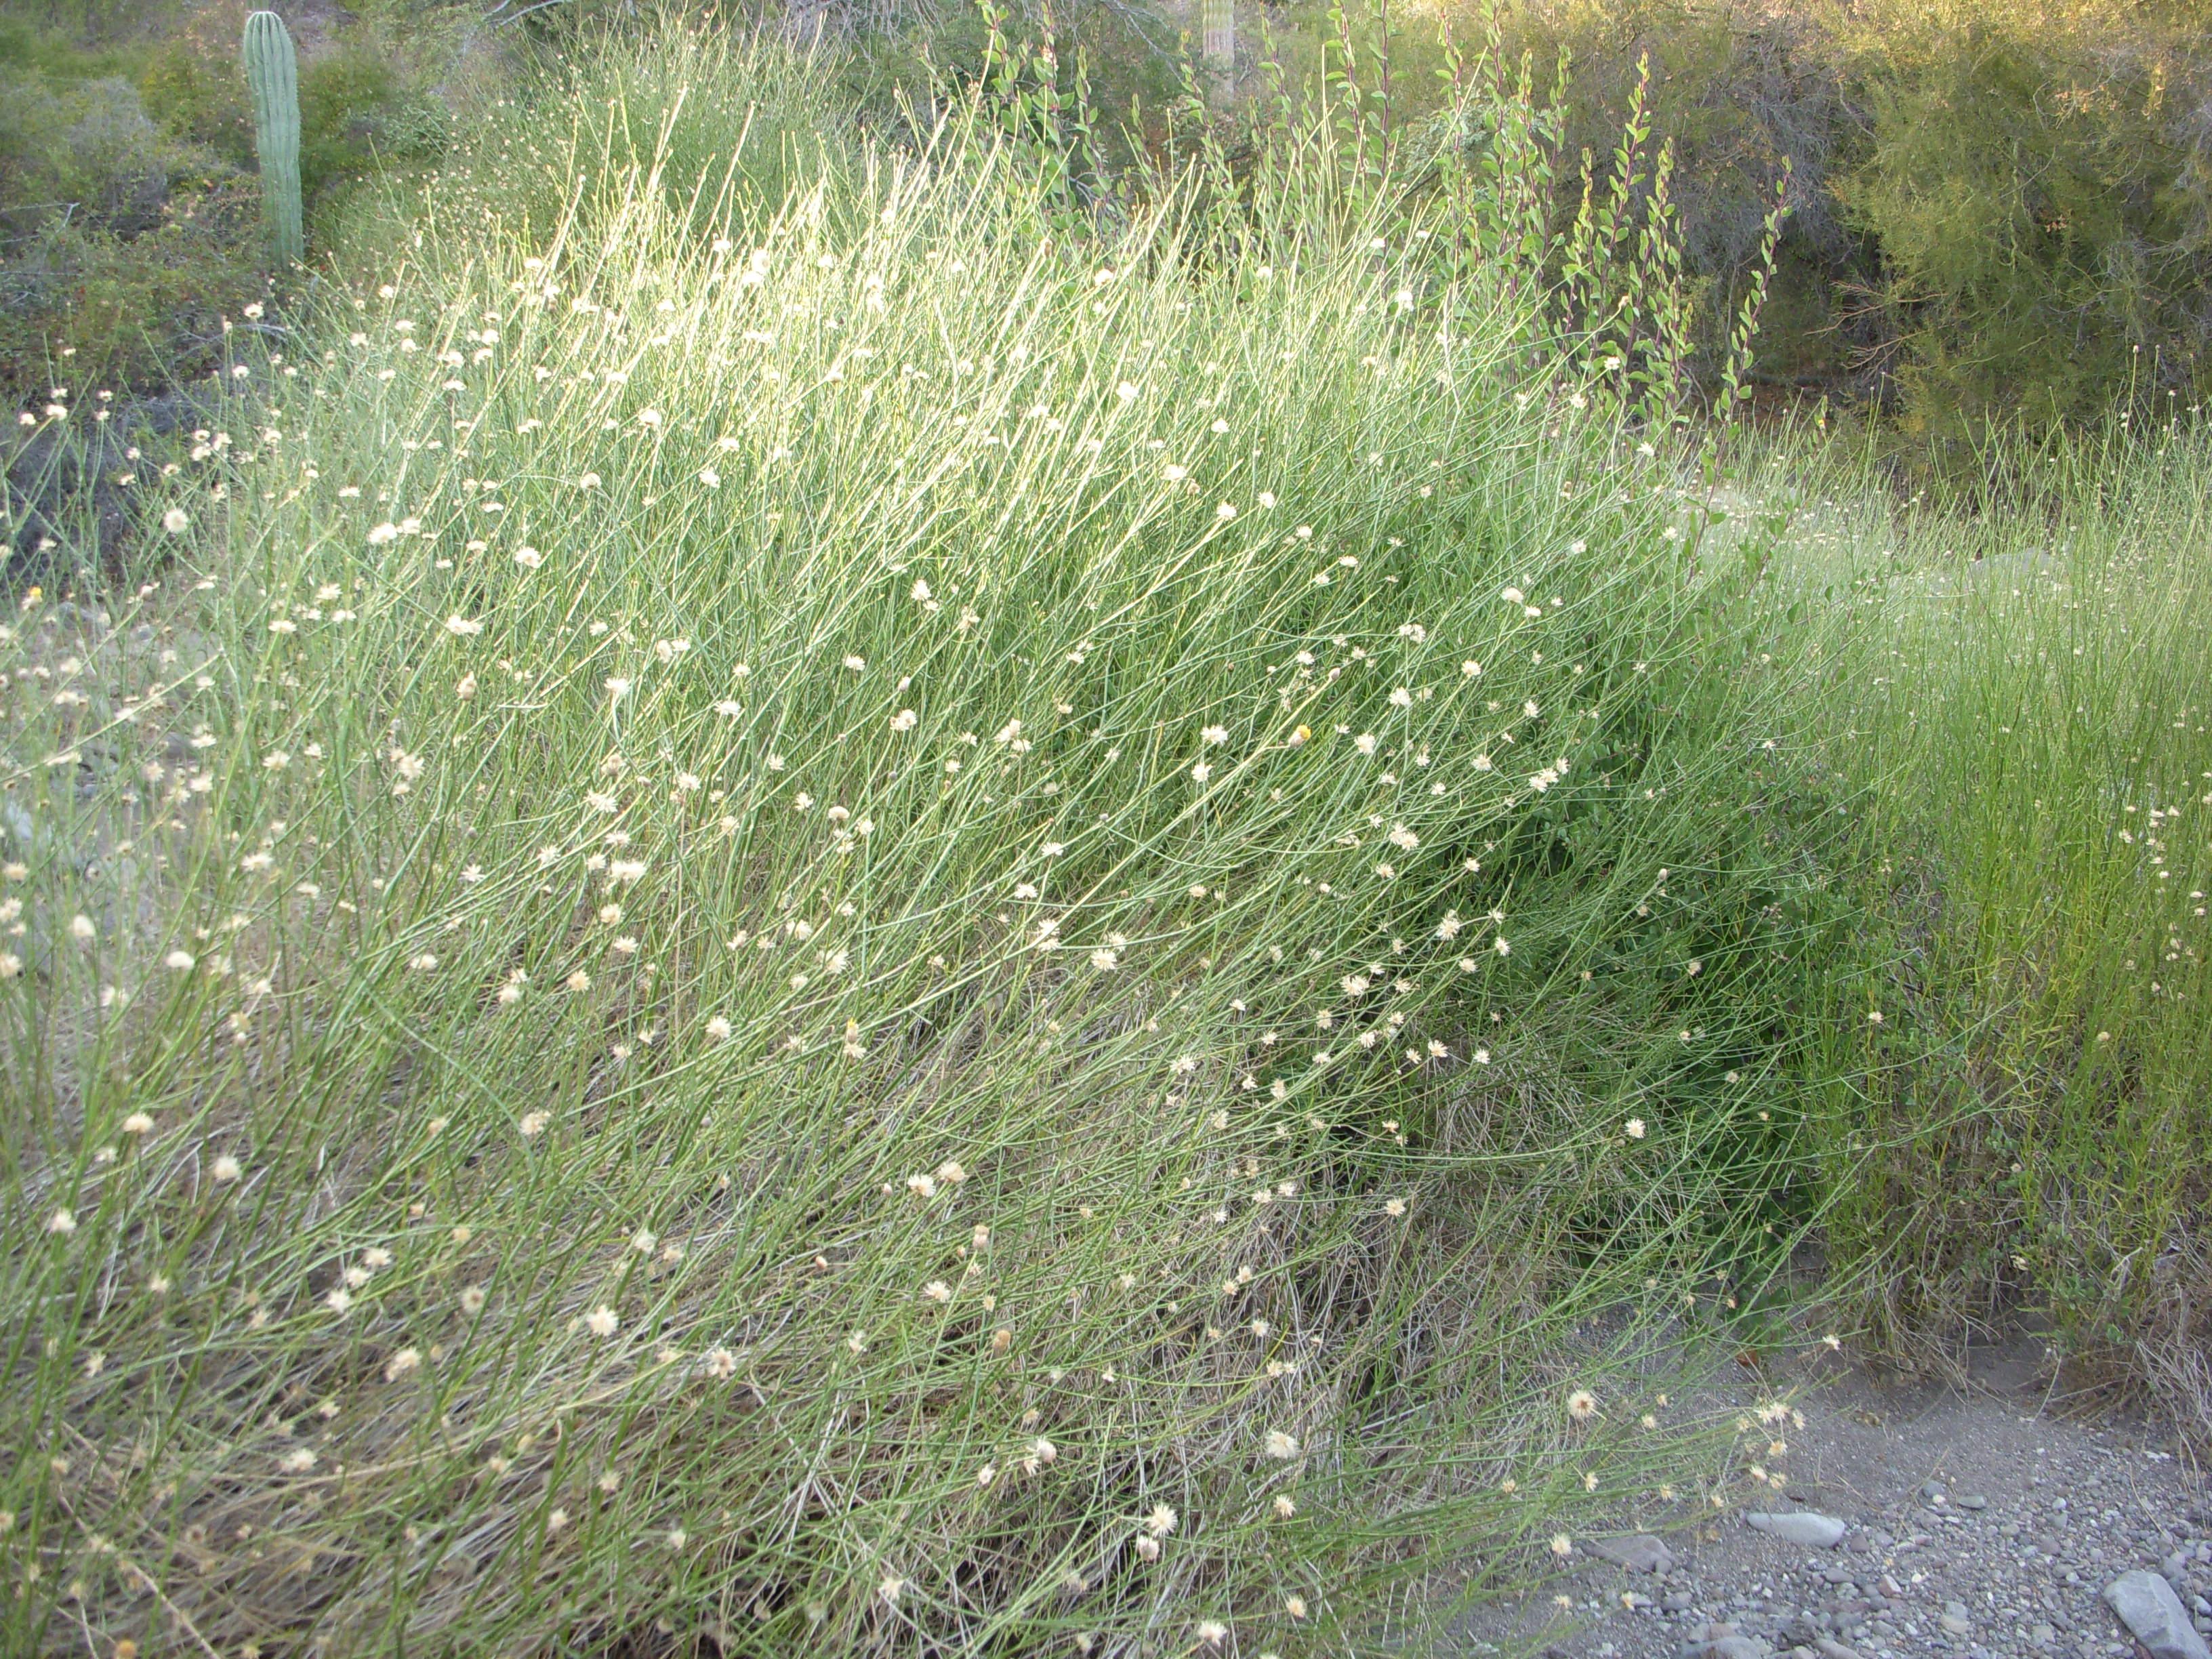 Flowering Desert Shrubs